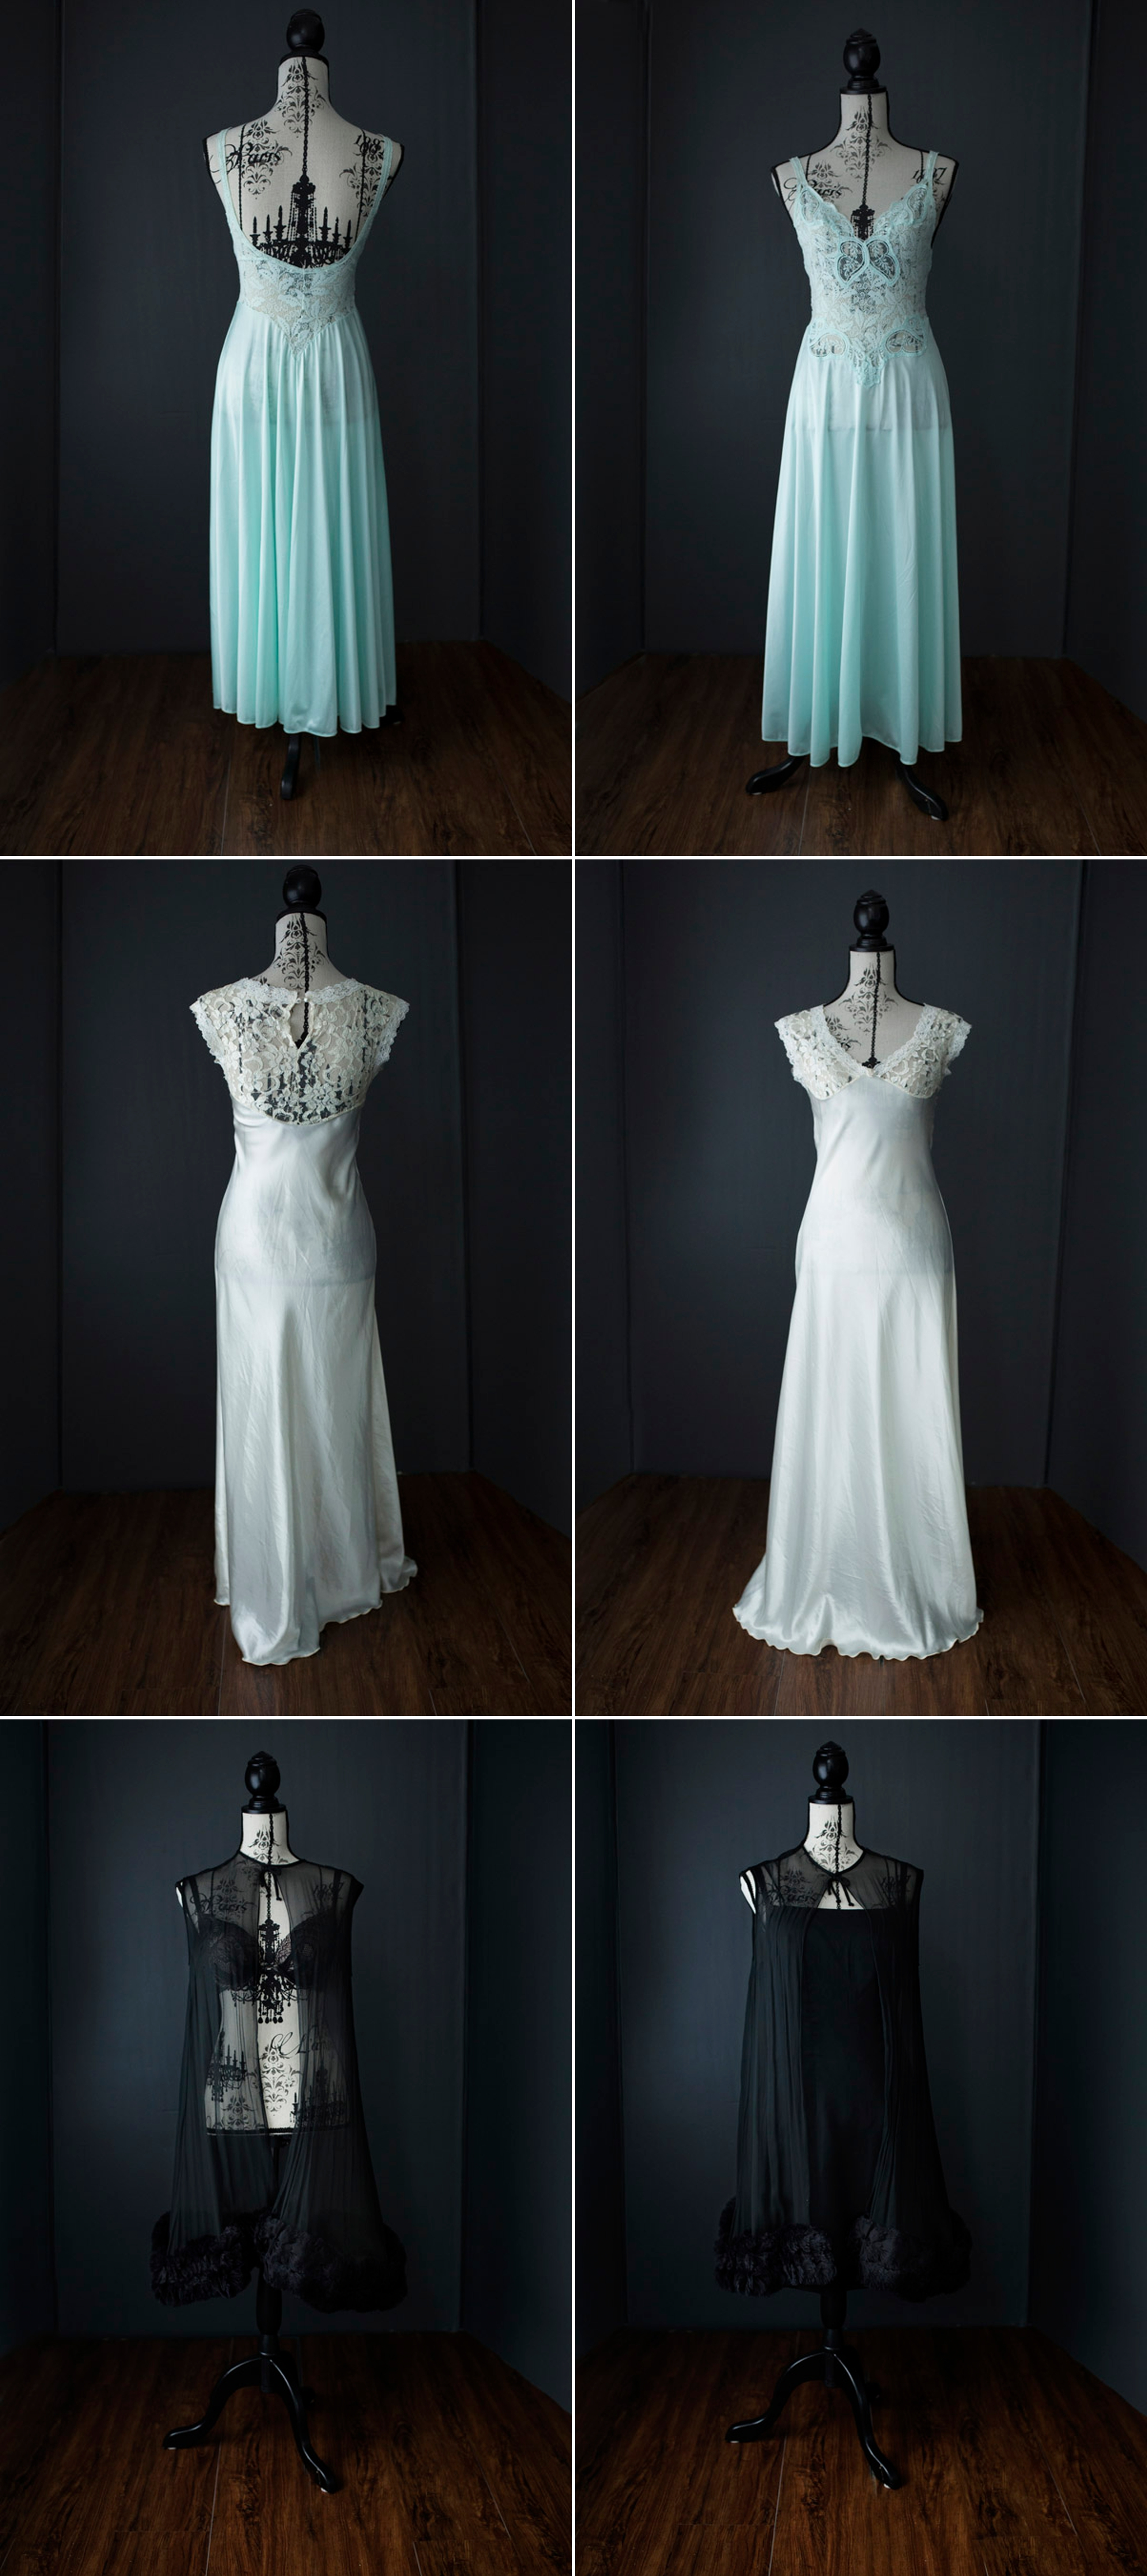 Wardrobe Collage 2